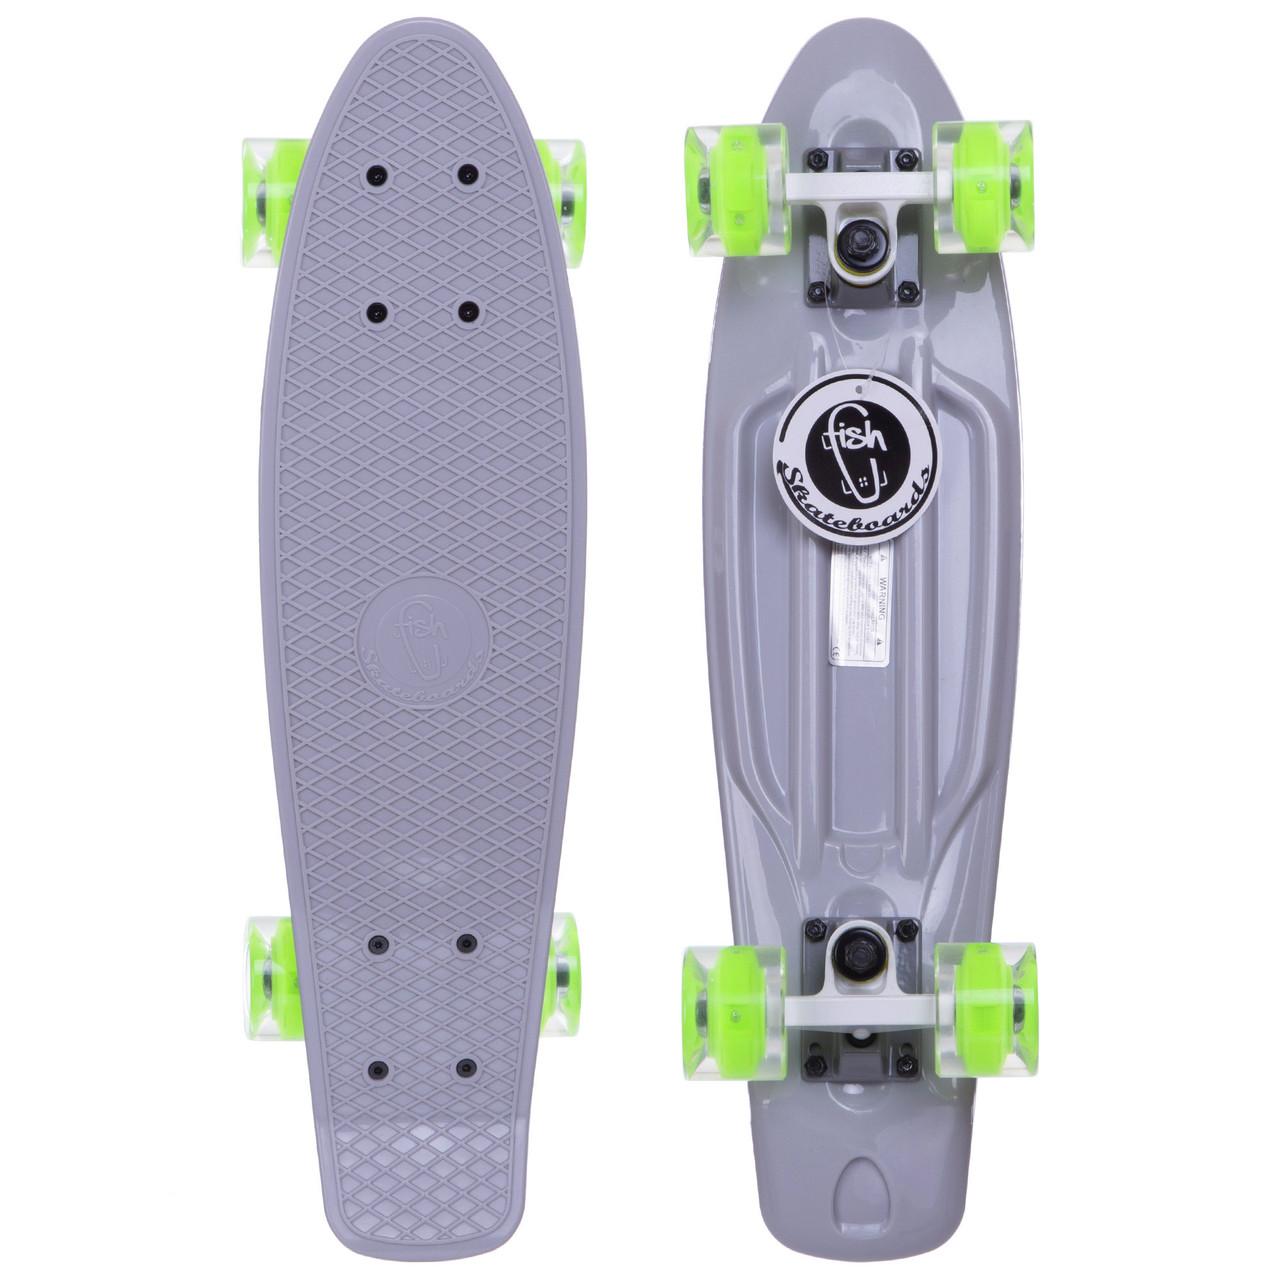 Скейтборд пластиковый Penny FISH 56 см со светящимися колесами SK-405, Серый